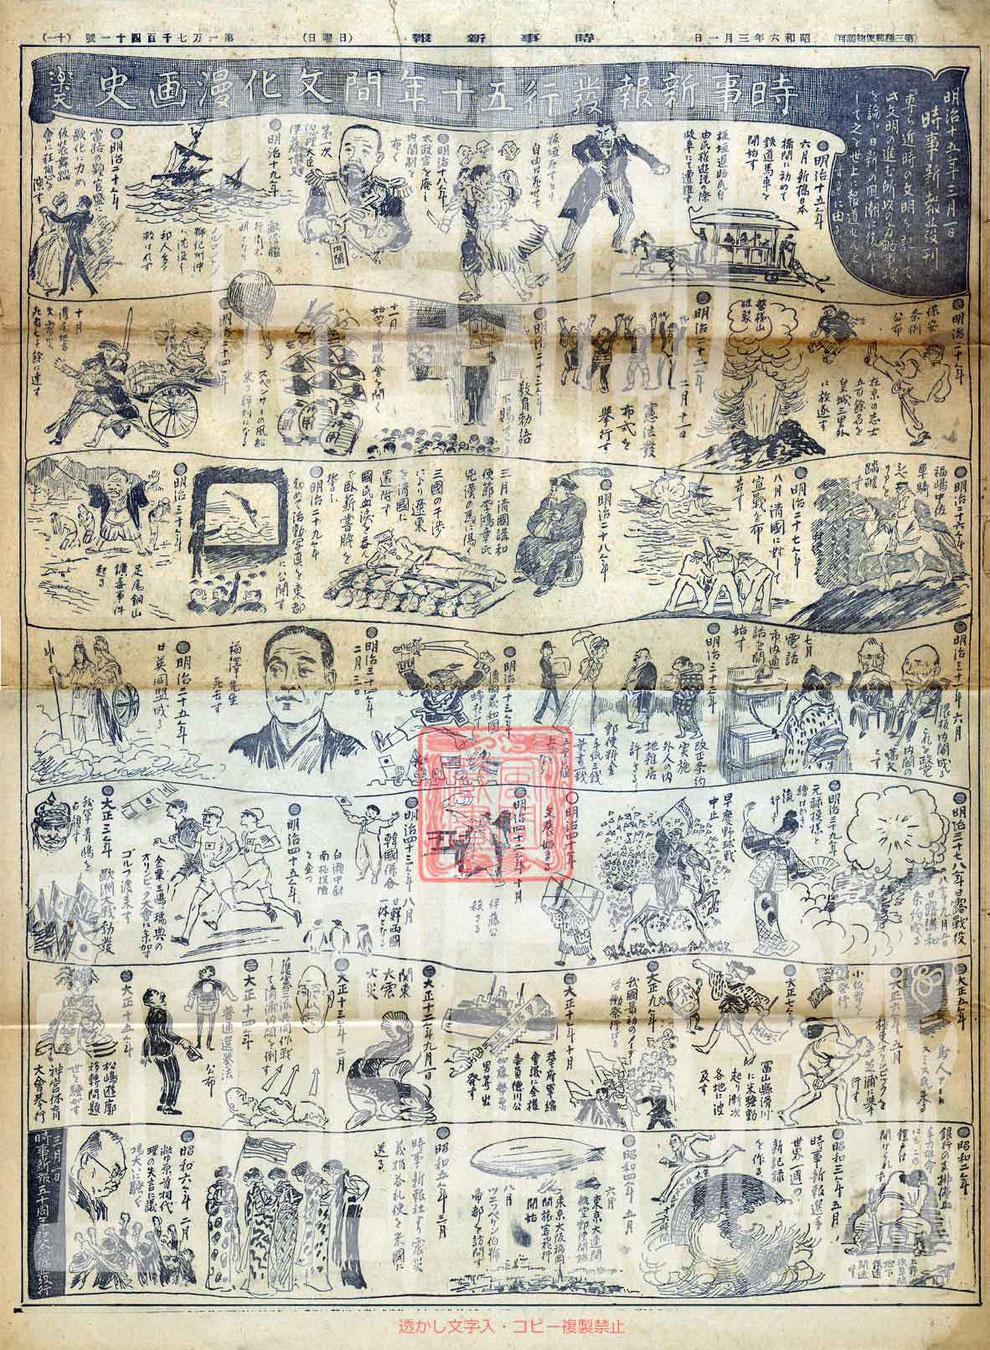 時事新報發行五十年間文化漫画史・北澤楽天